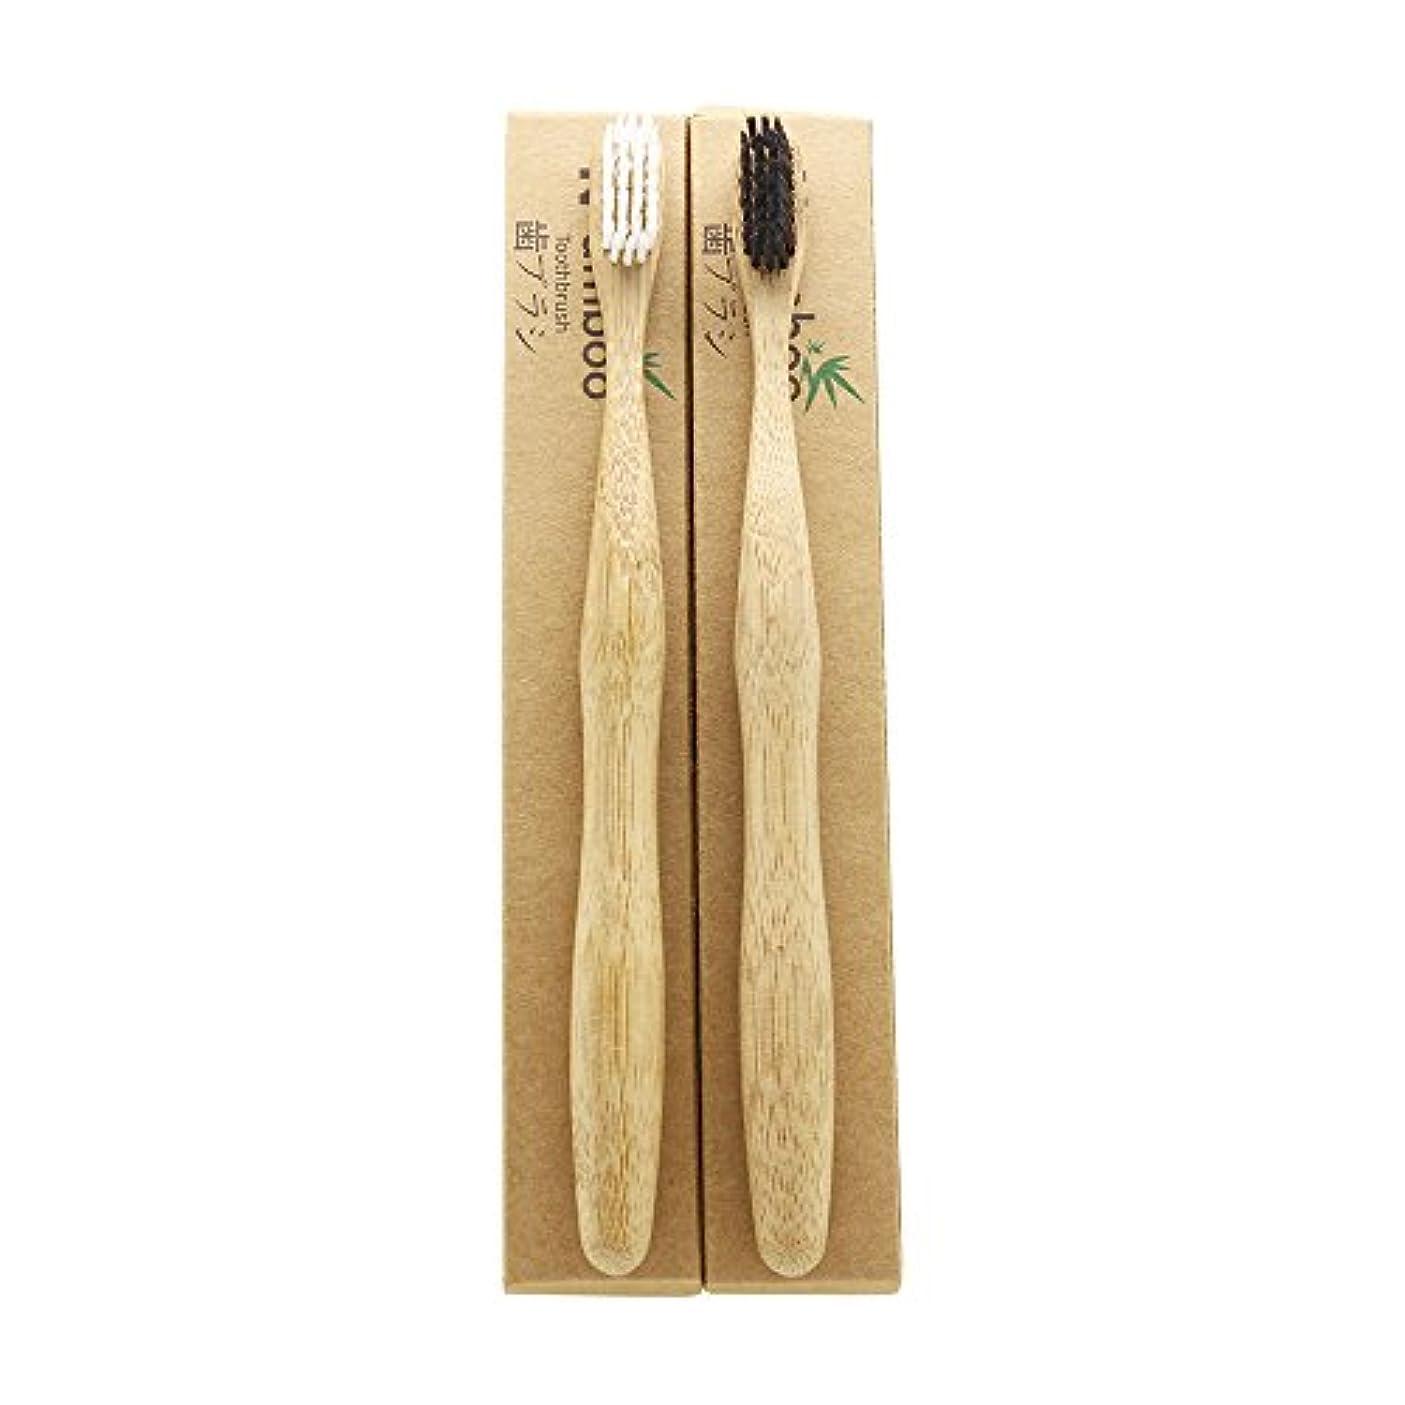 襟虐殺取り扱いN-amboo 竹製 歯ブラシ 高耐久性 白と黒 セット エコ (2本)